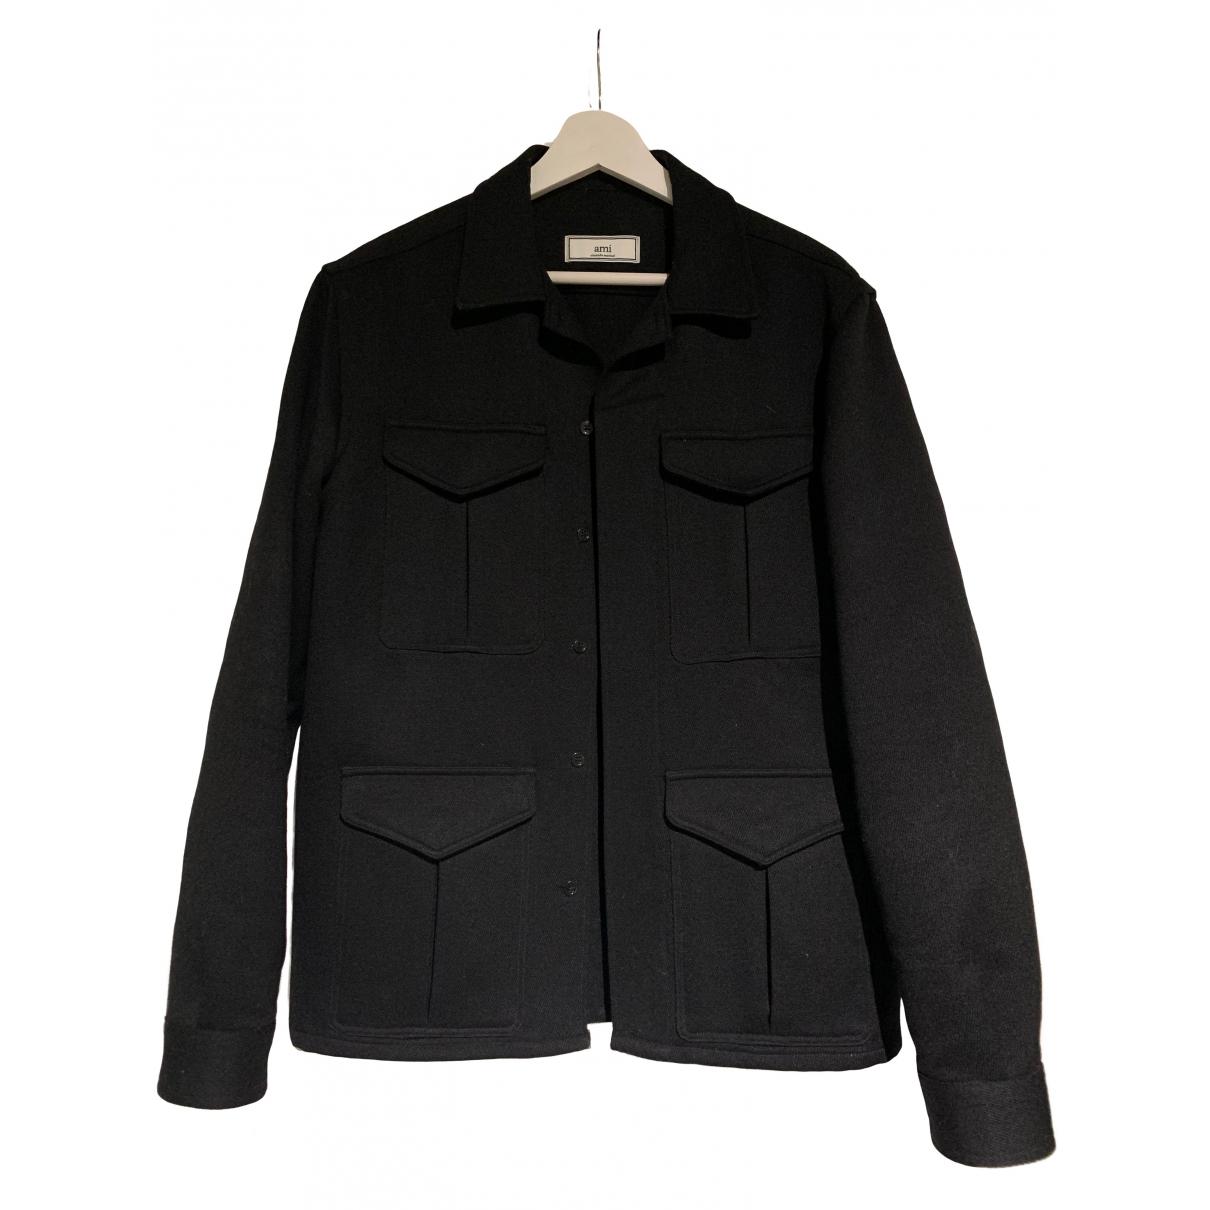 Ami - Chemises   pour homme en laine - noir